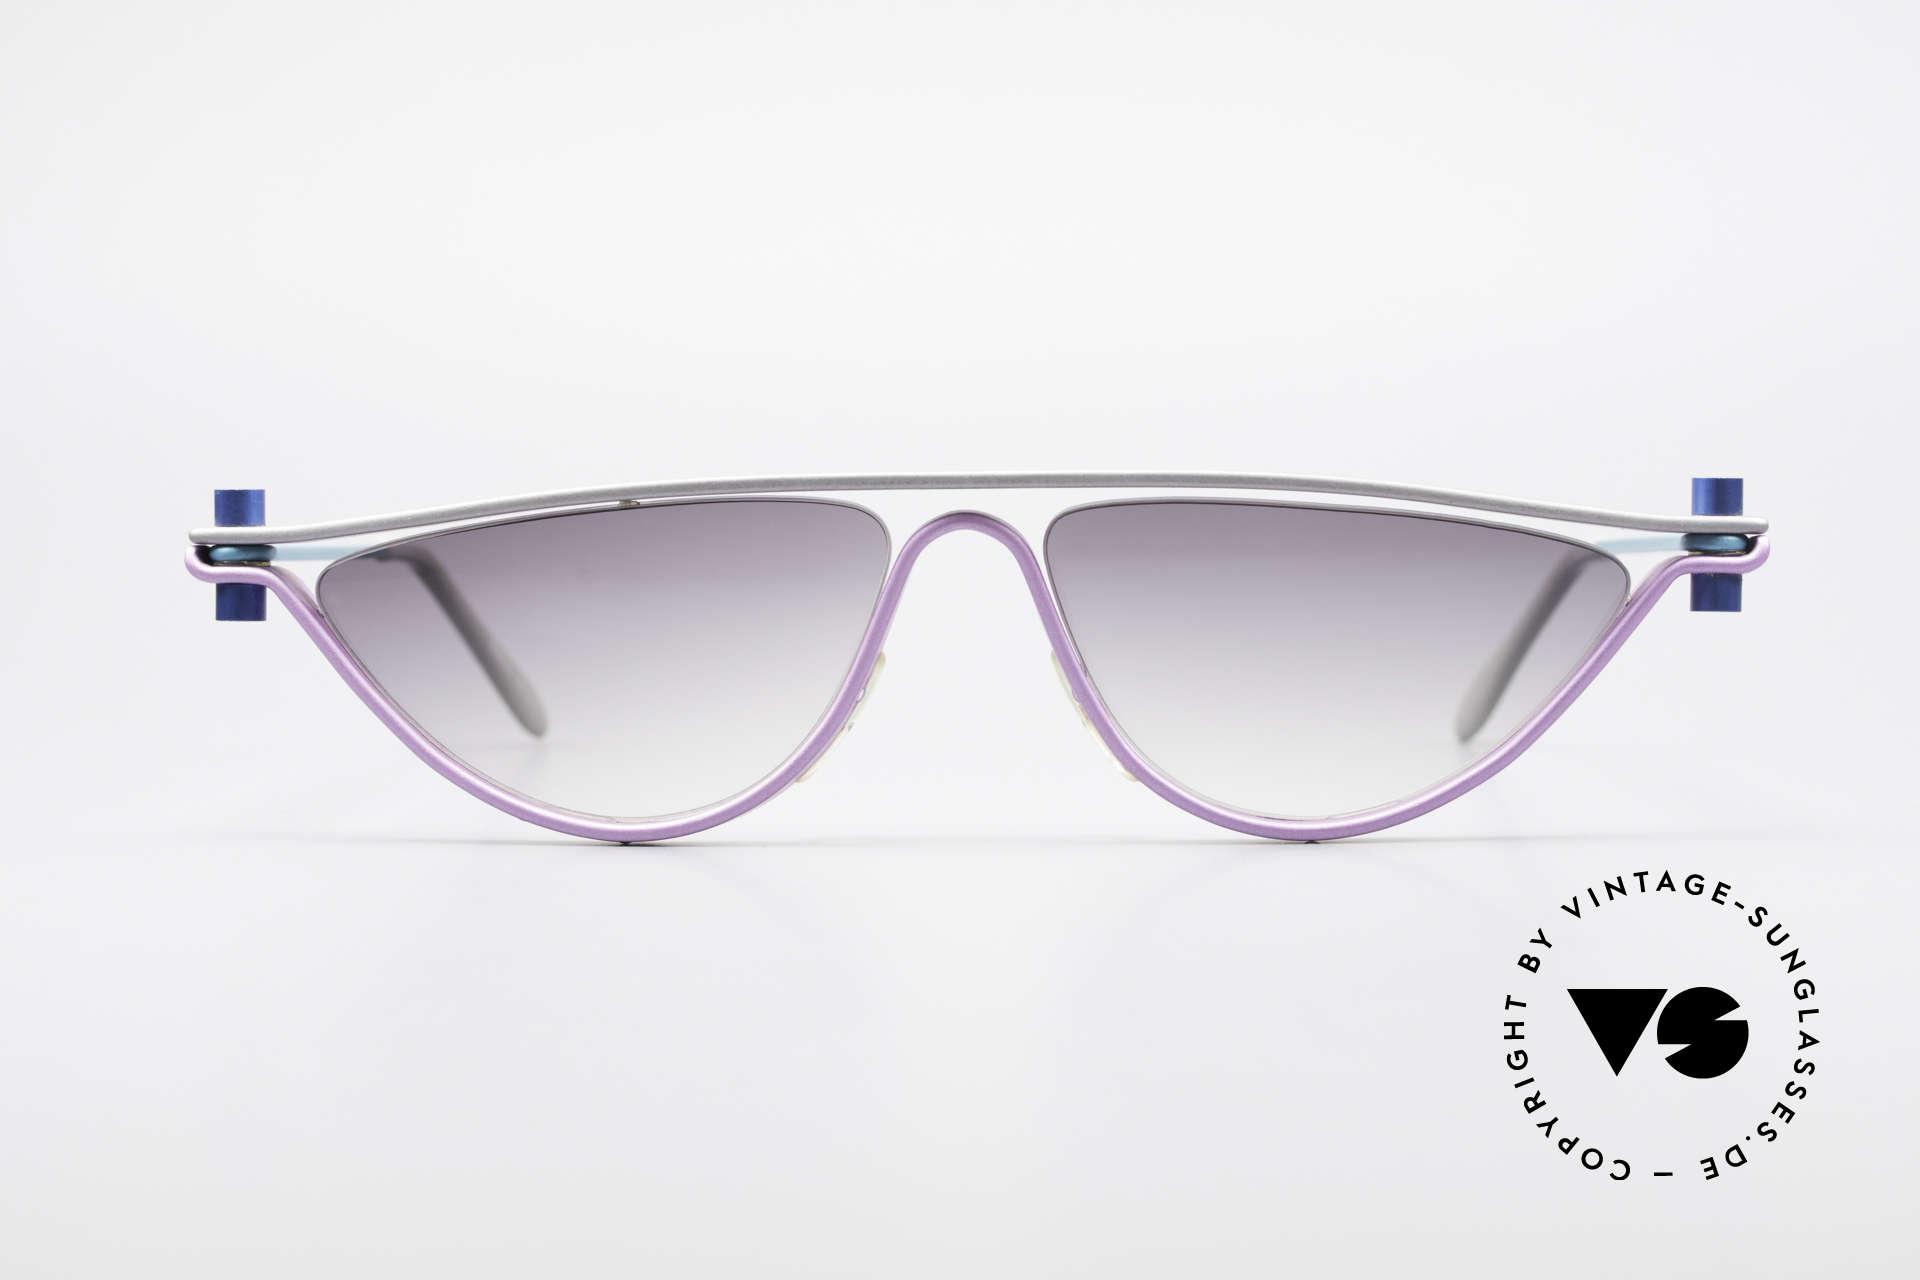 ProDesign No6 90er Vintage Filmsonnenbrille, vintage Aluminium Fassung im Gail Spence Design, Passend für Damen